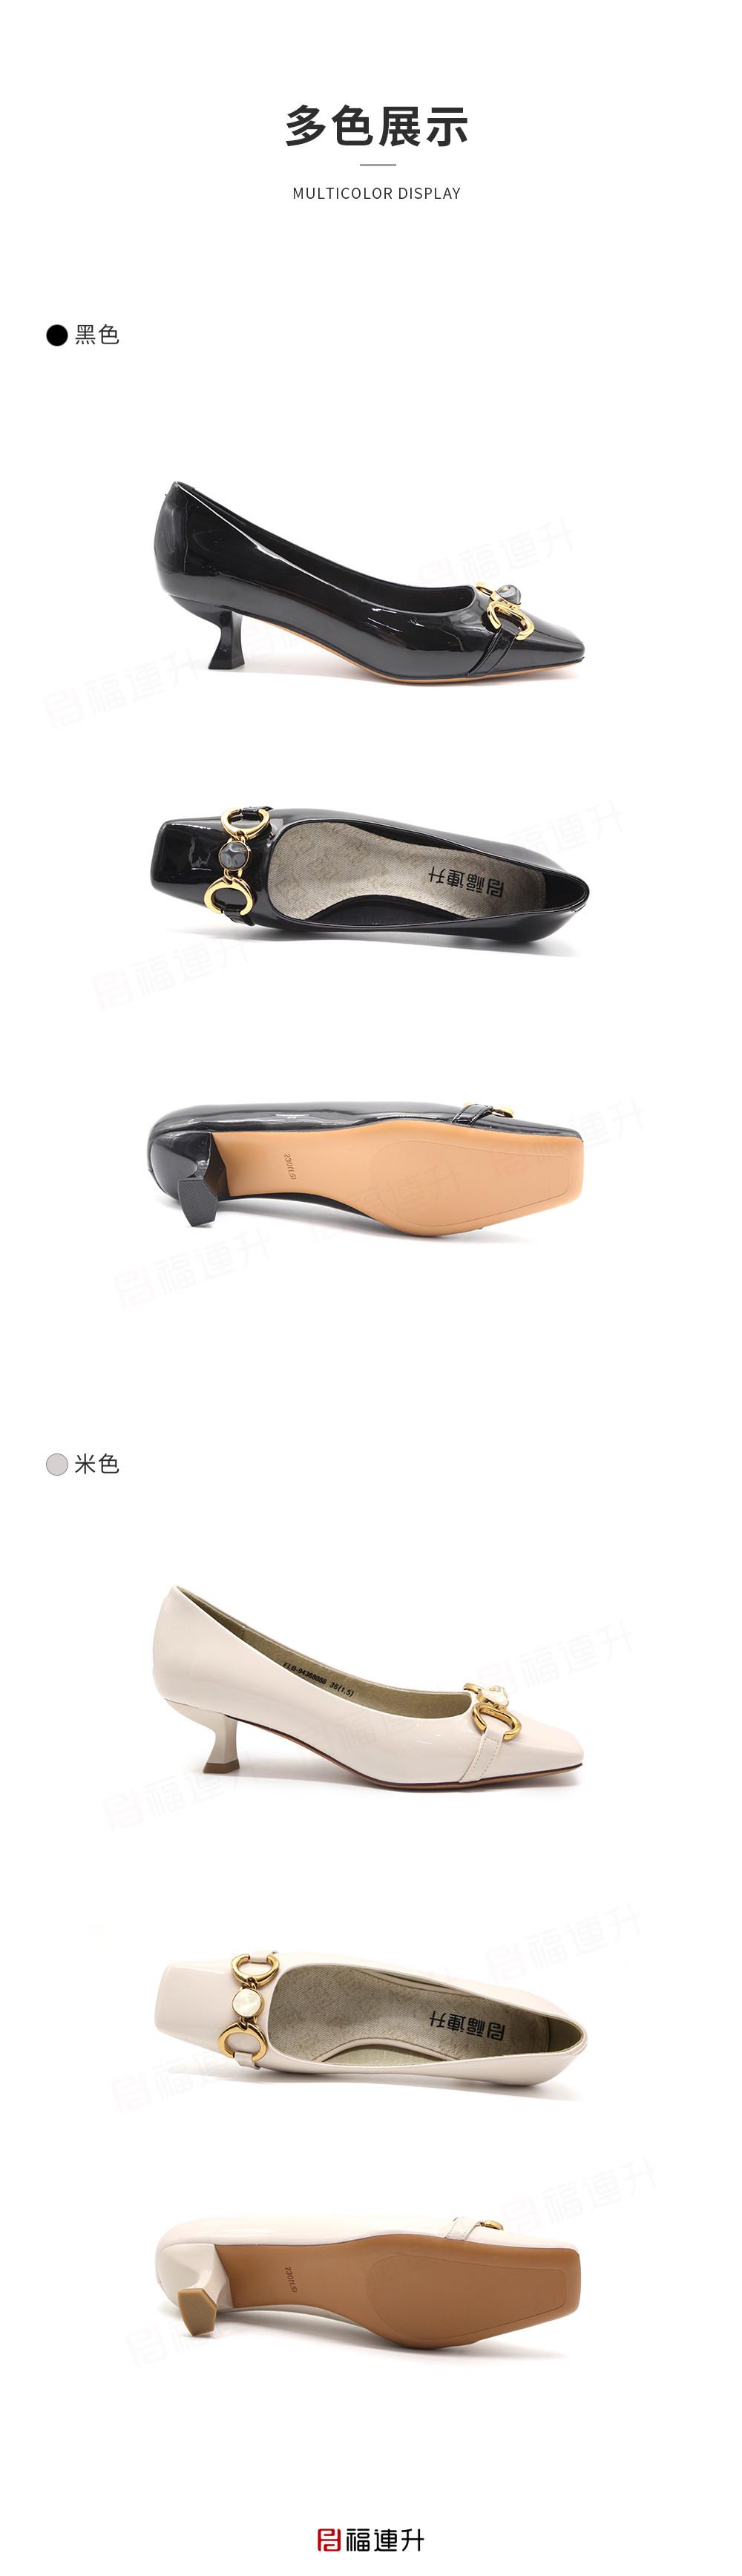 福连升春秋漆皮亮面魅力时装工作通勤低跟浅口单鞋女鞋图片